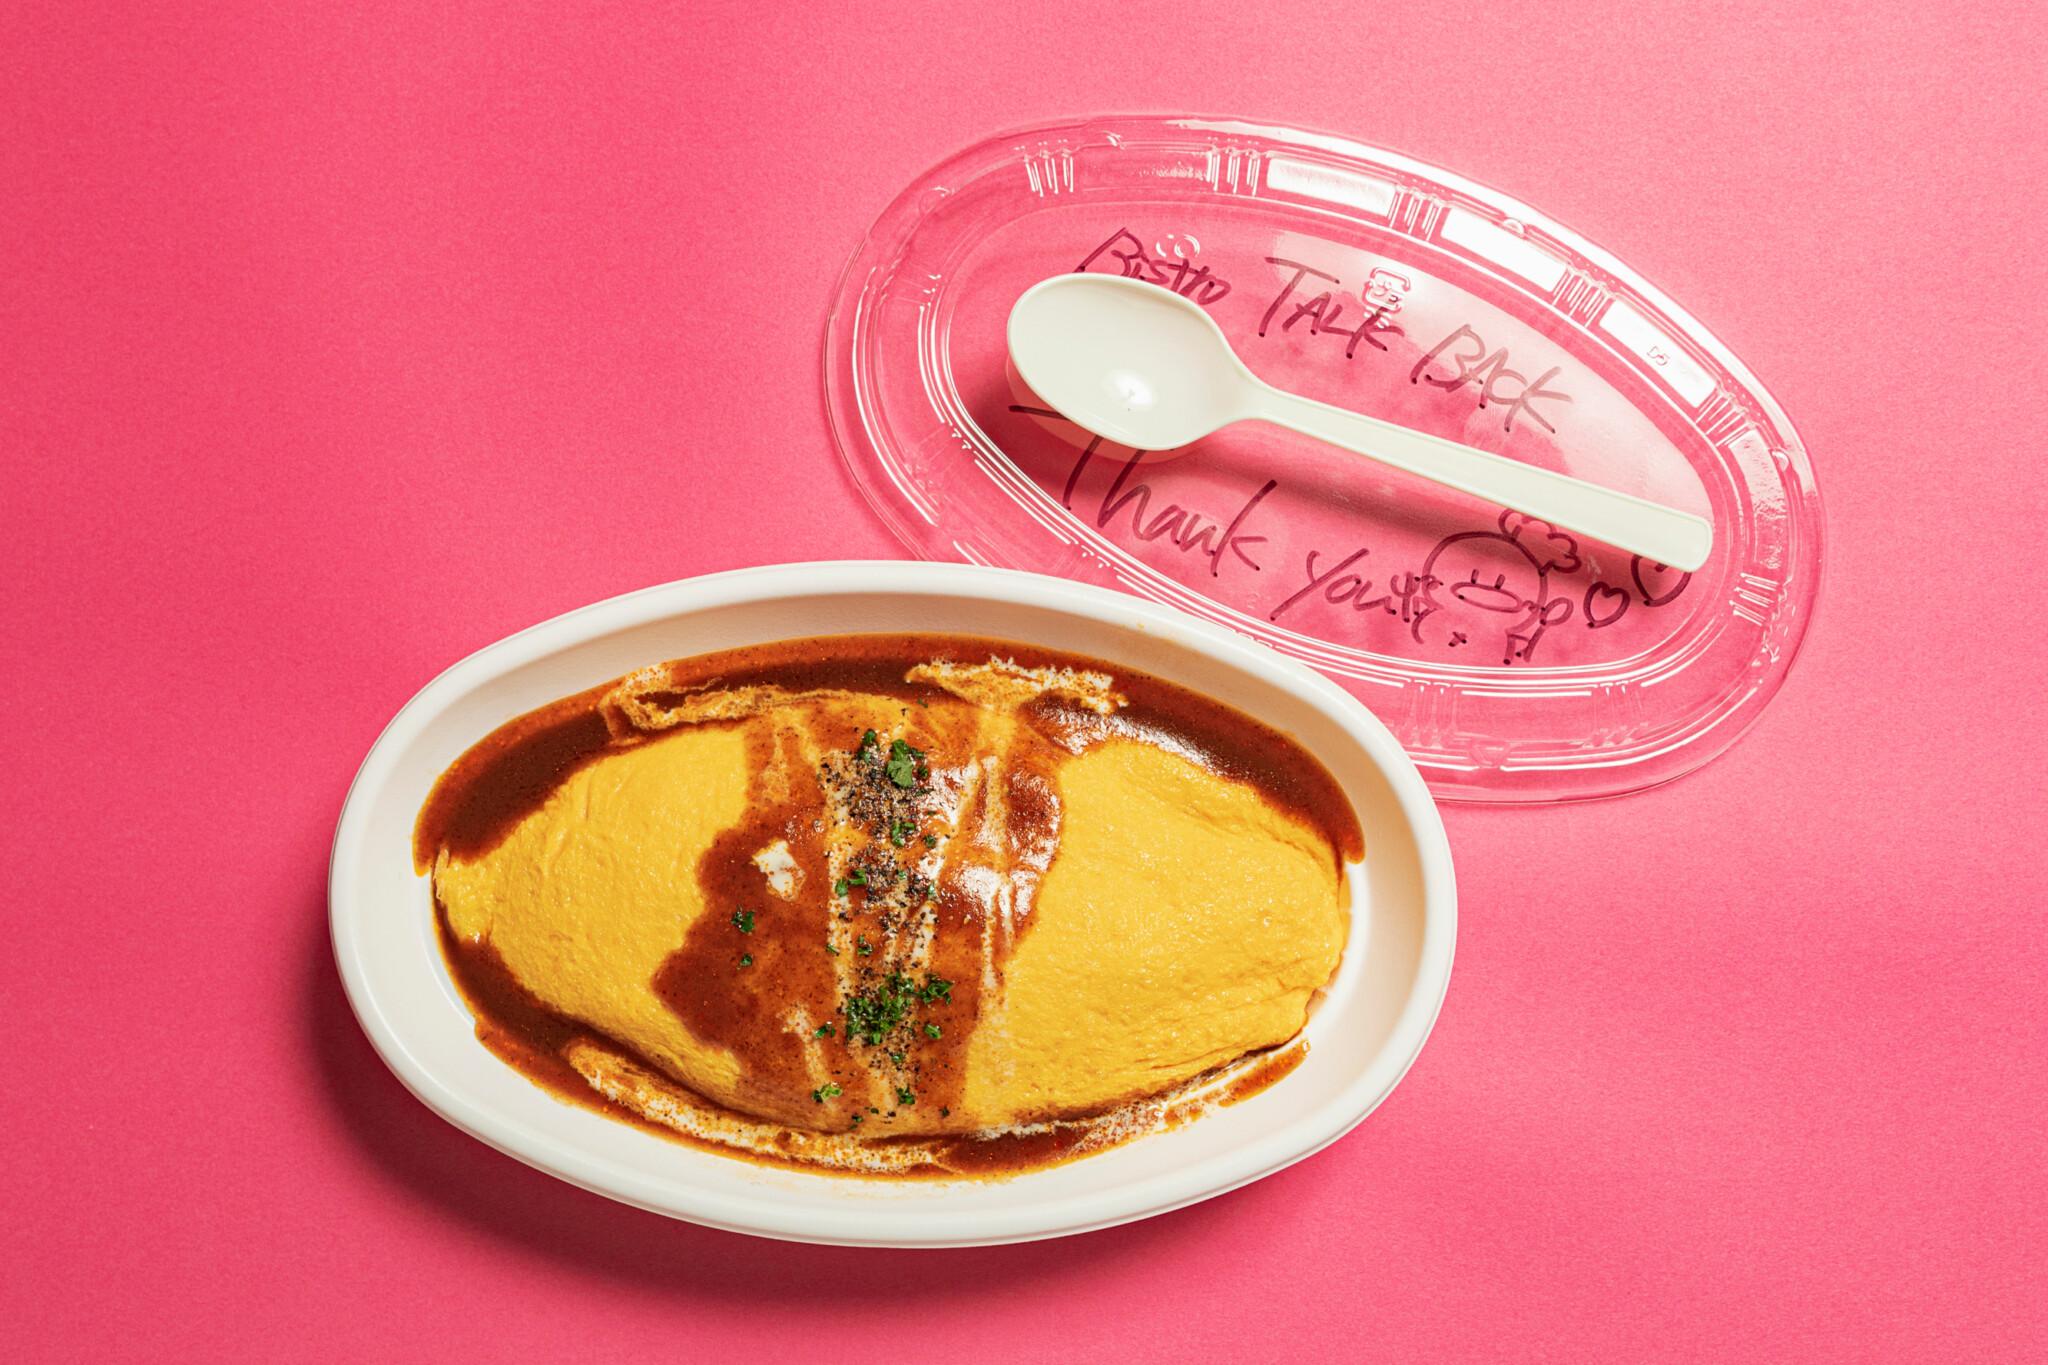 【吉祥寺】テイクアウト×おしゃれ洋食ランチ5選。洋食屋さんの味をオフィスやおうちで!